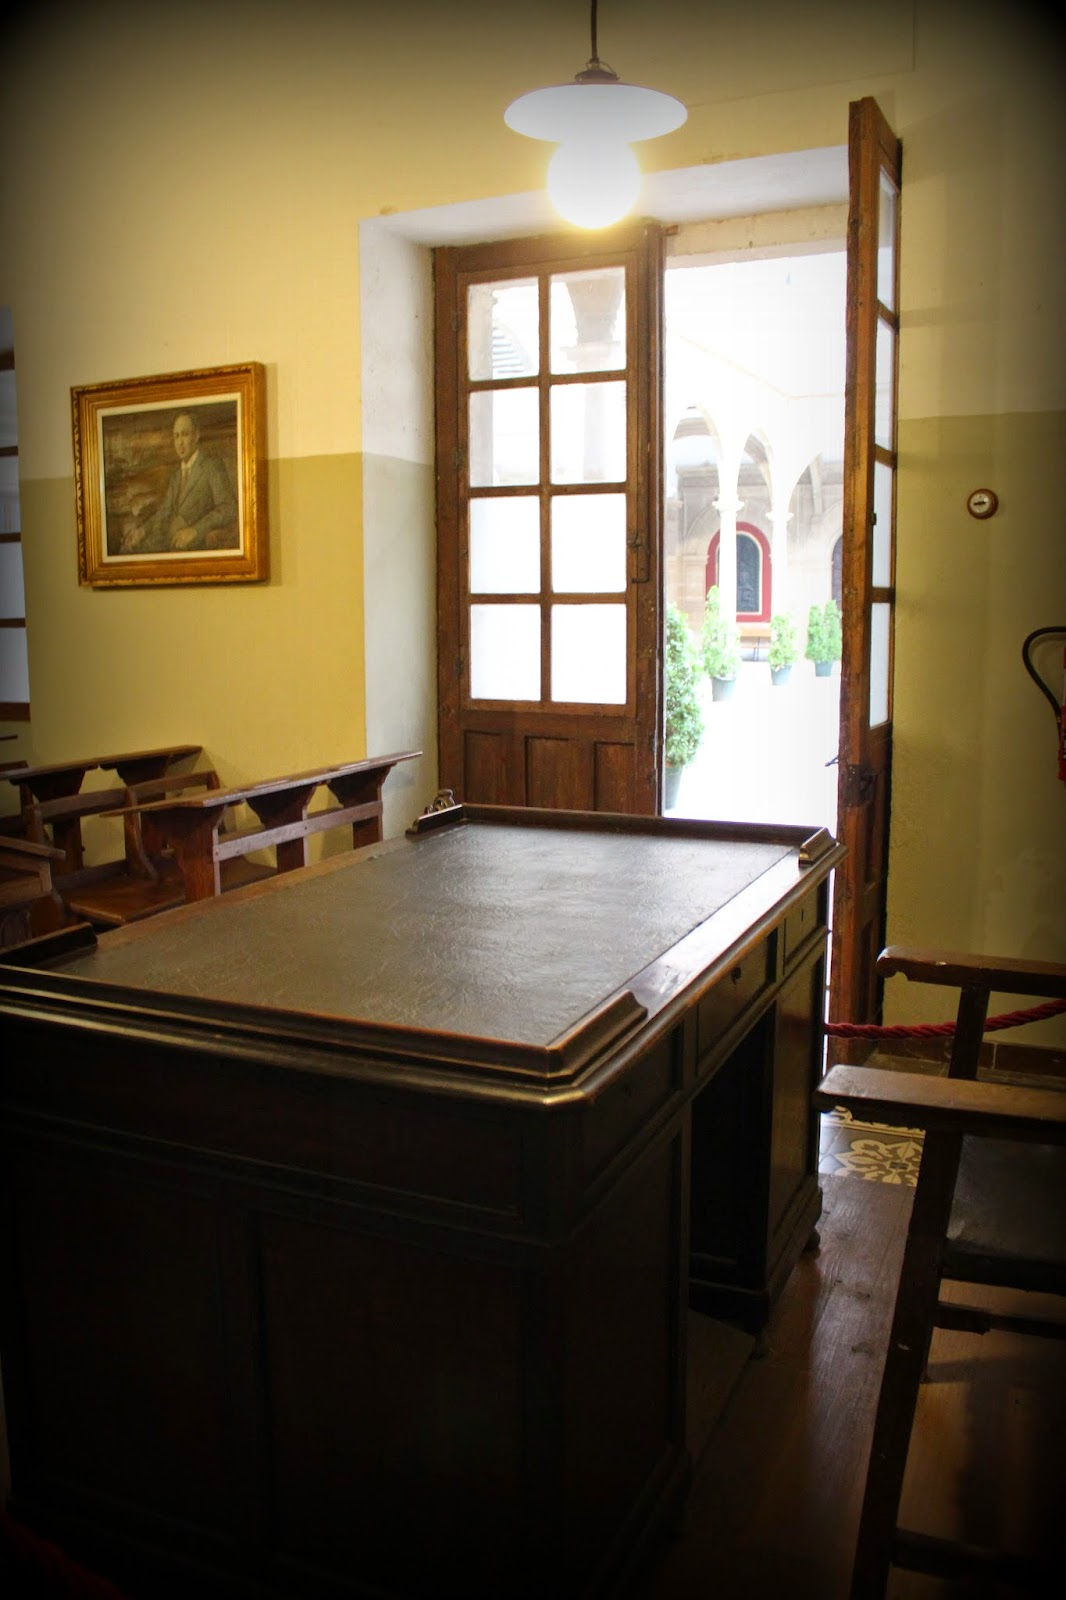 Aula de Antonio Machado en la Universidad de Baeza